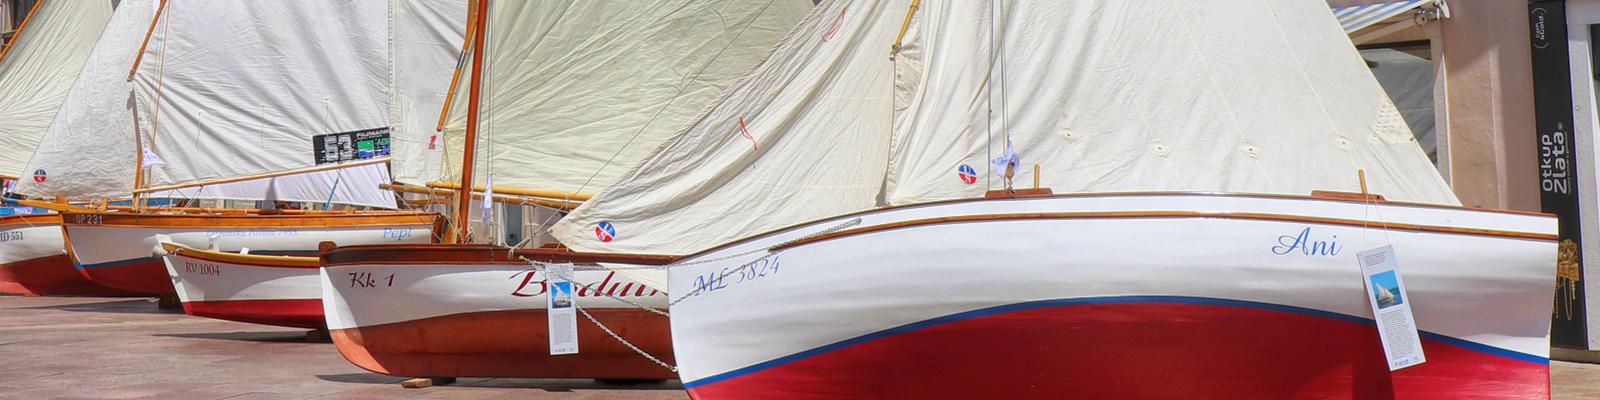 Festival Fiumare tradicijske barke na Korzu